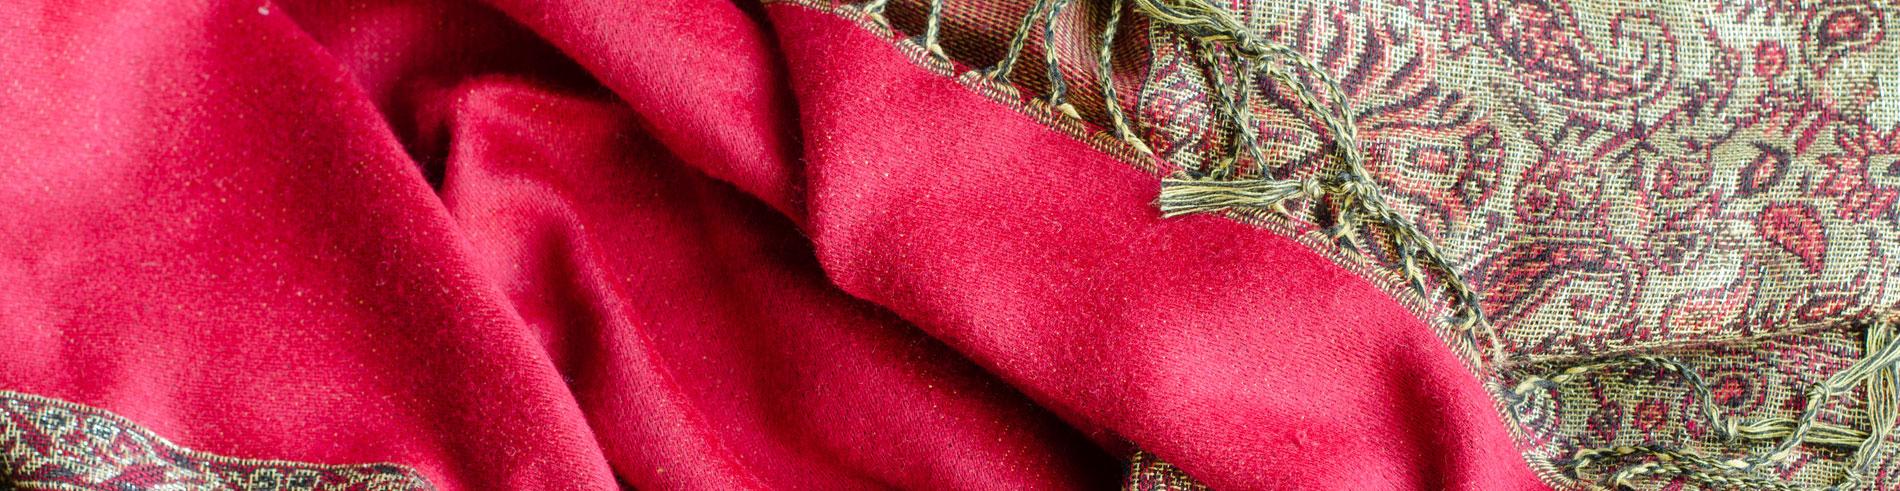 Silk rug cleaners near me